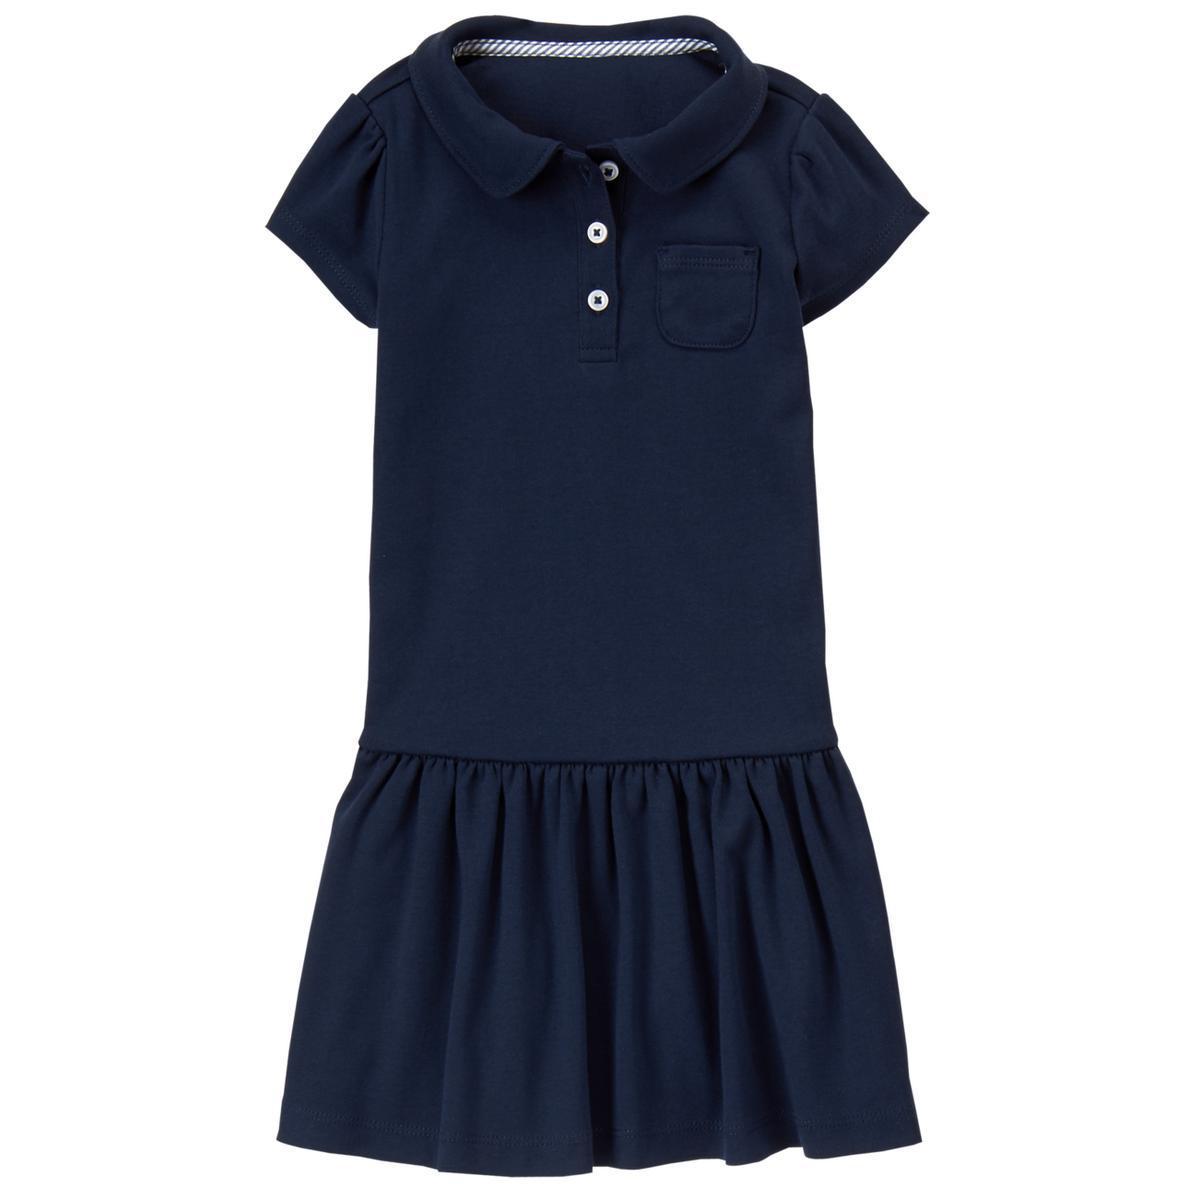 Школьное платье-поло темно-синее на девочку 6-7 лет Gymboree (СШA)